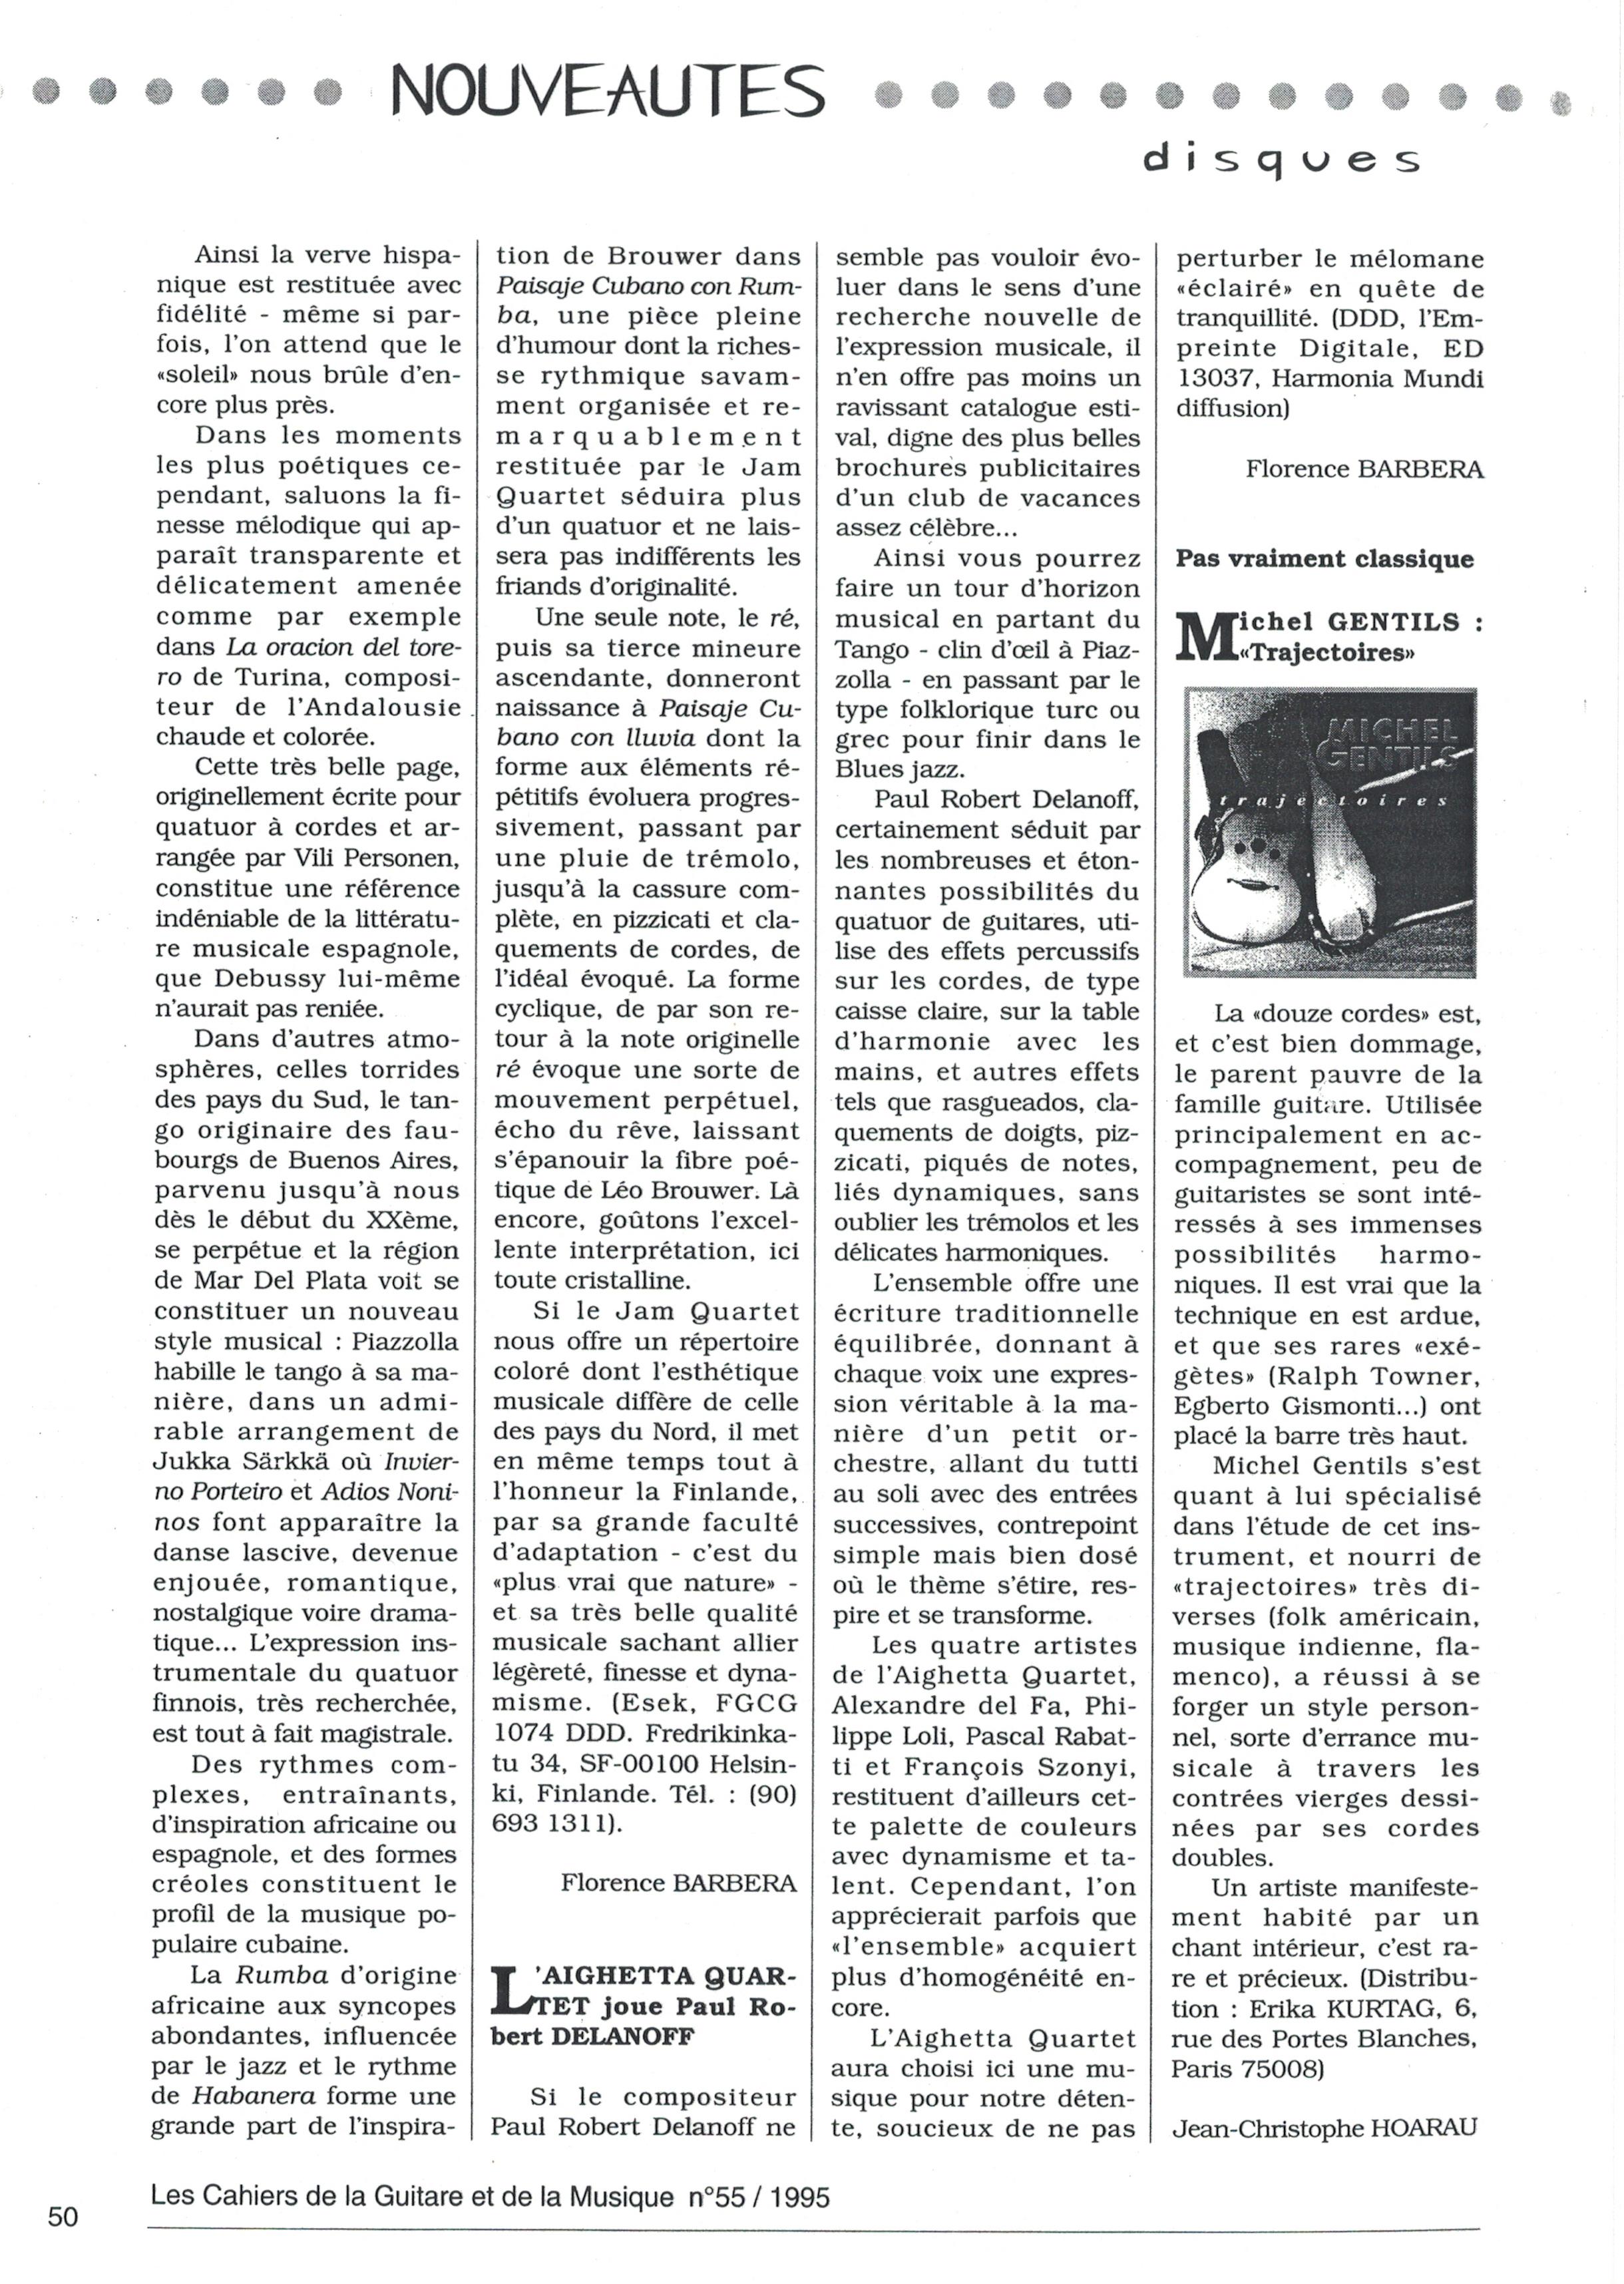 J_C HOAREAU dans Les Cahiers de la Guitare sur le CD Trajectoires